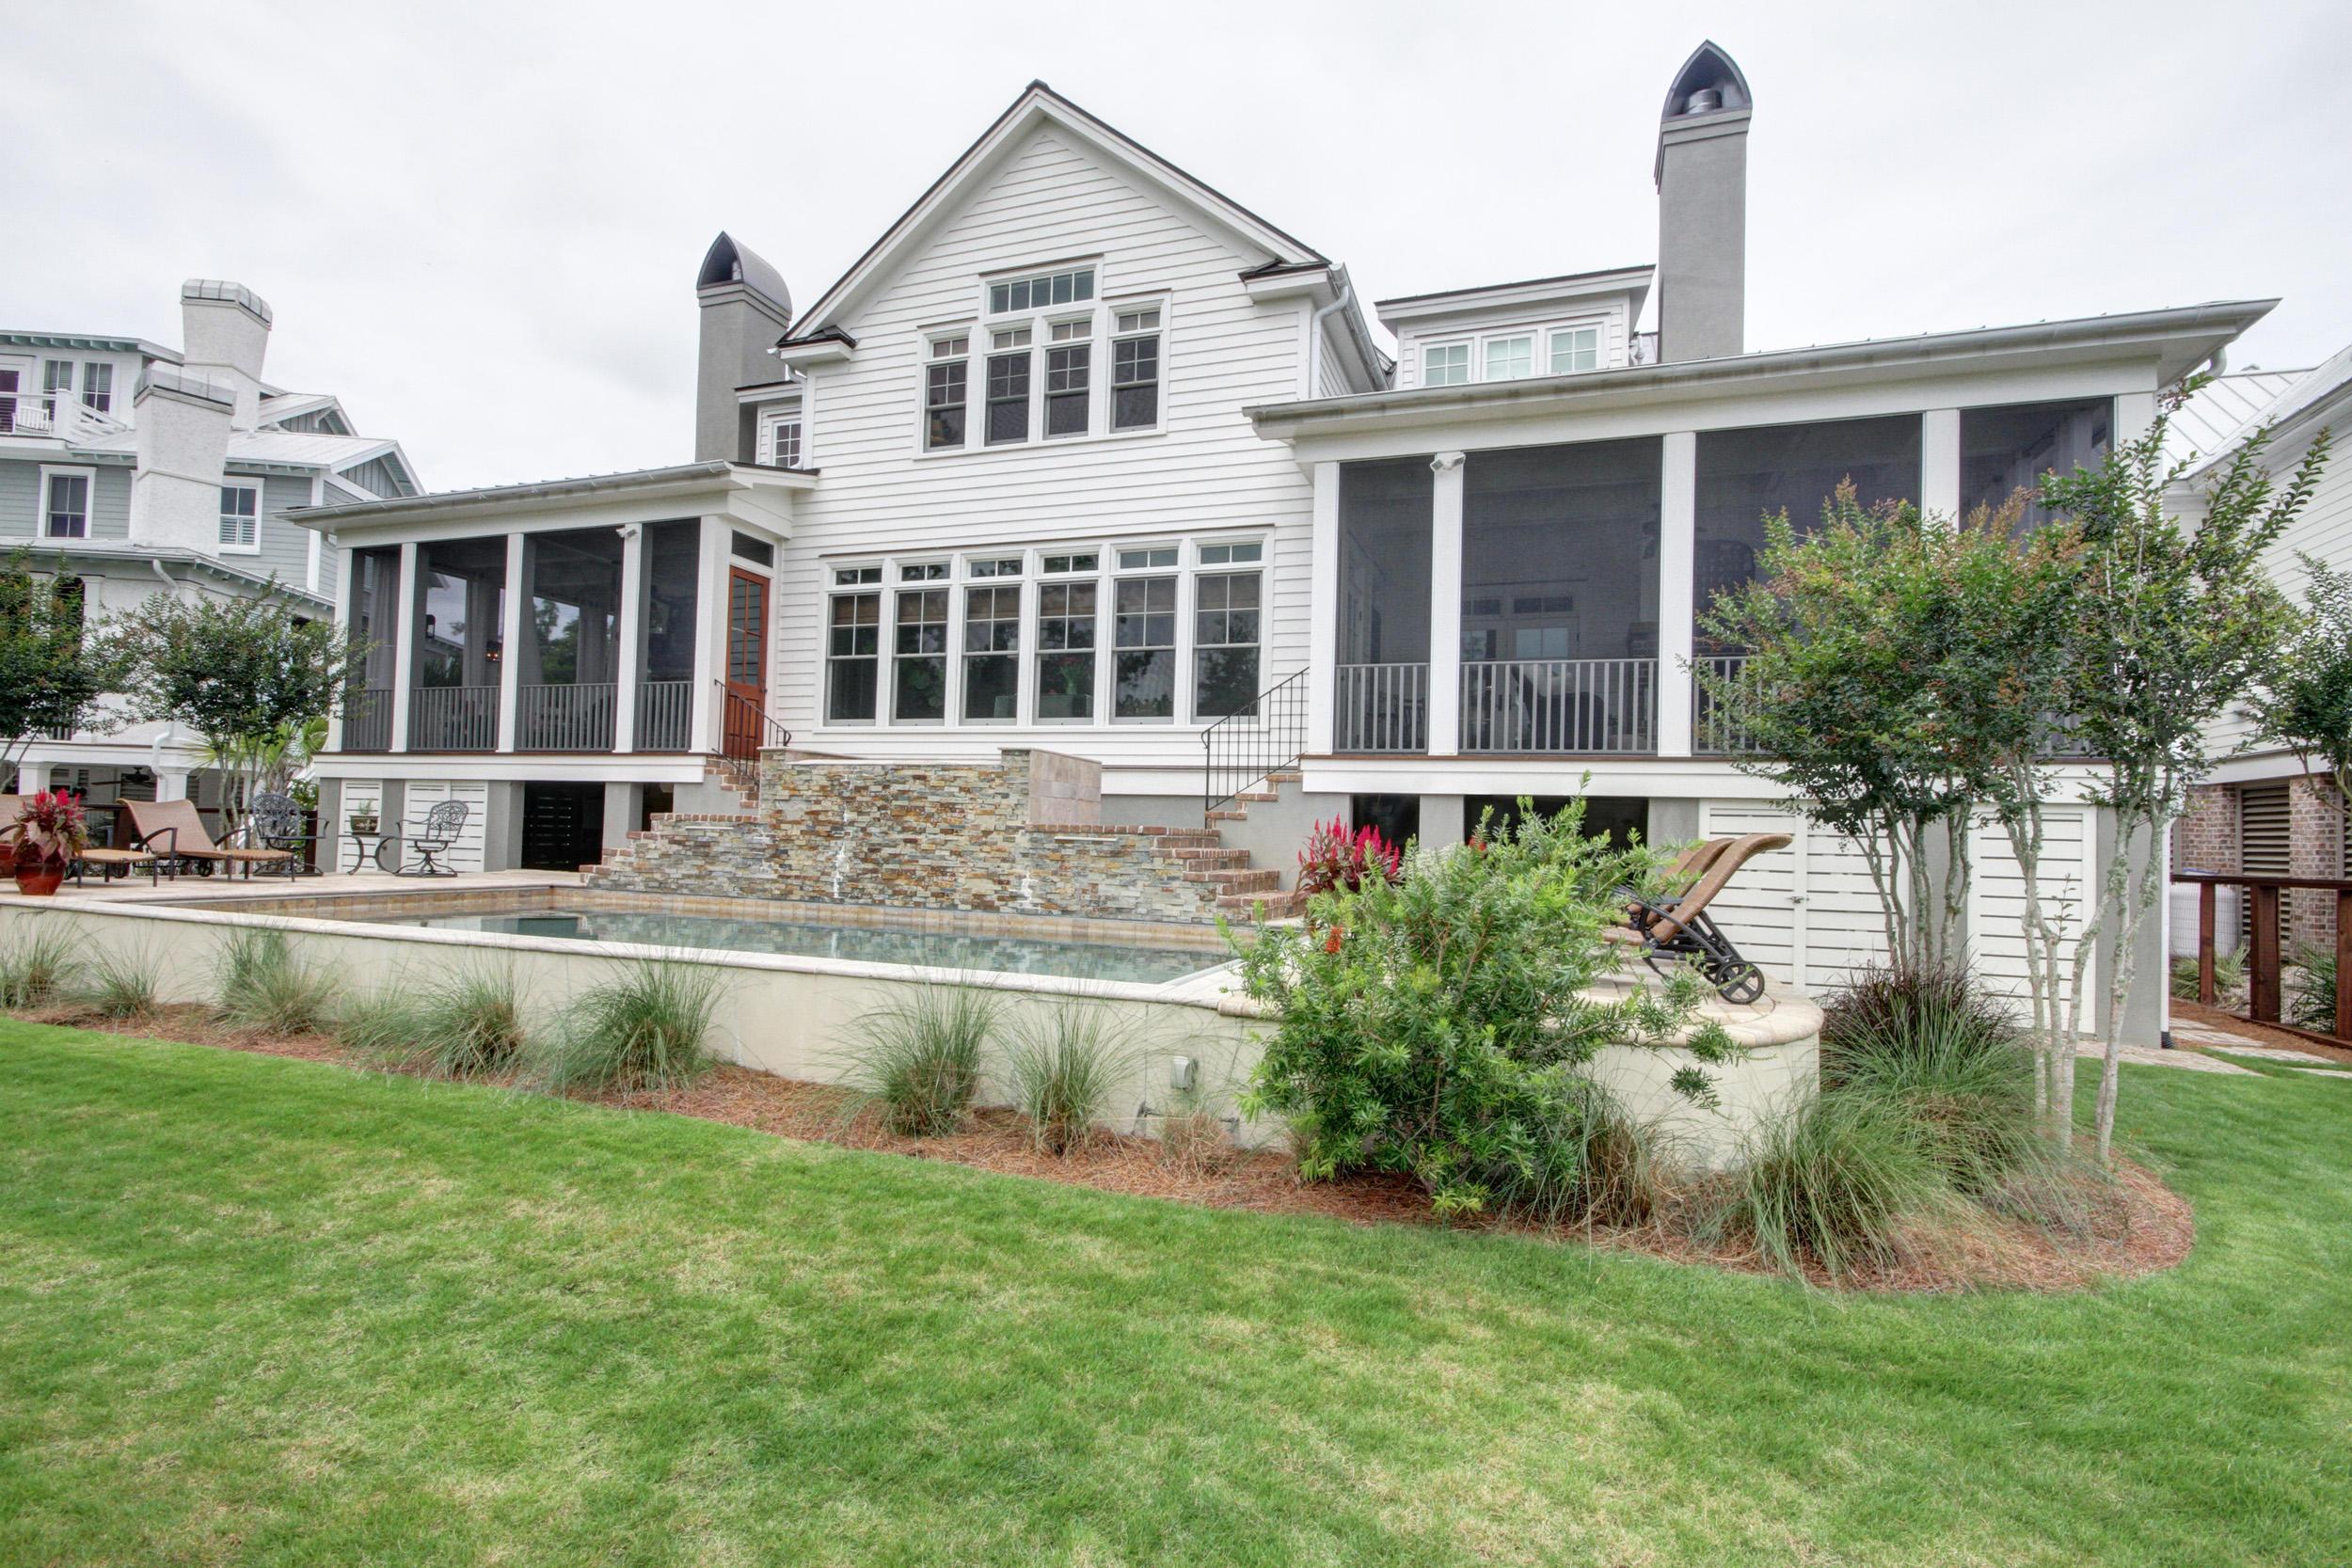 Belle Hall Homes For Sale - 821 Bridgetown Pass, Mount Pleasant, SC - 51